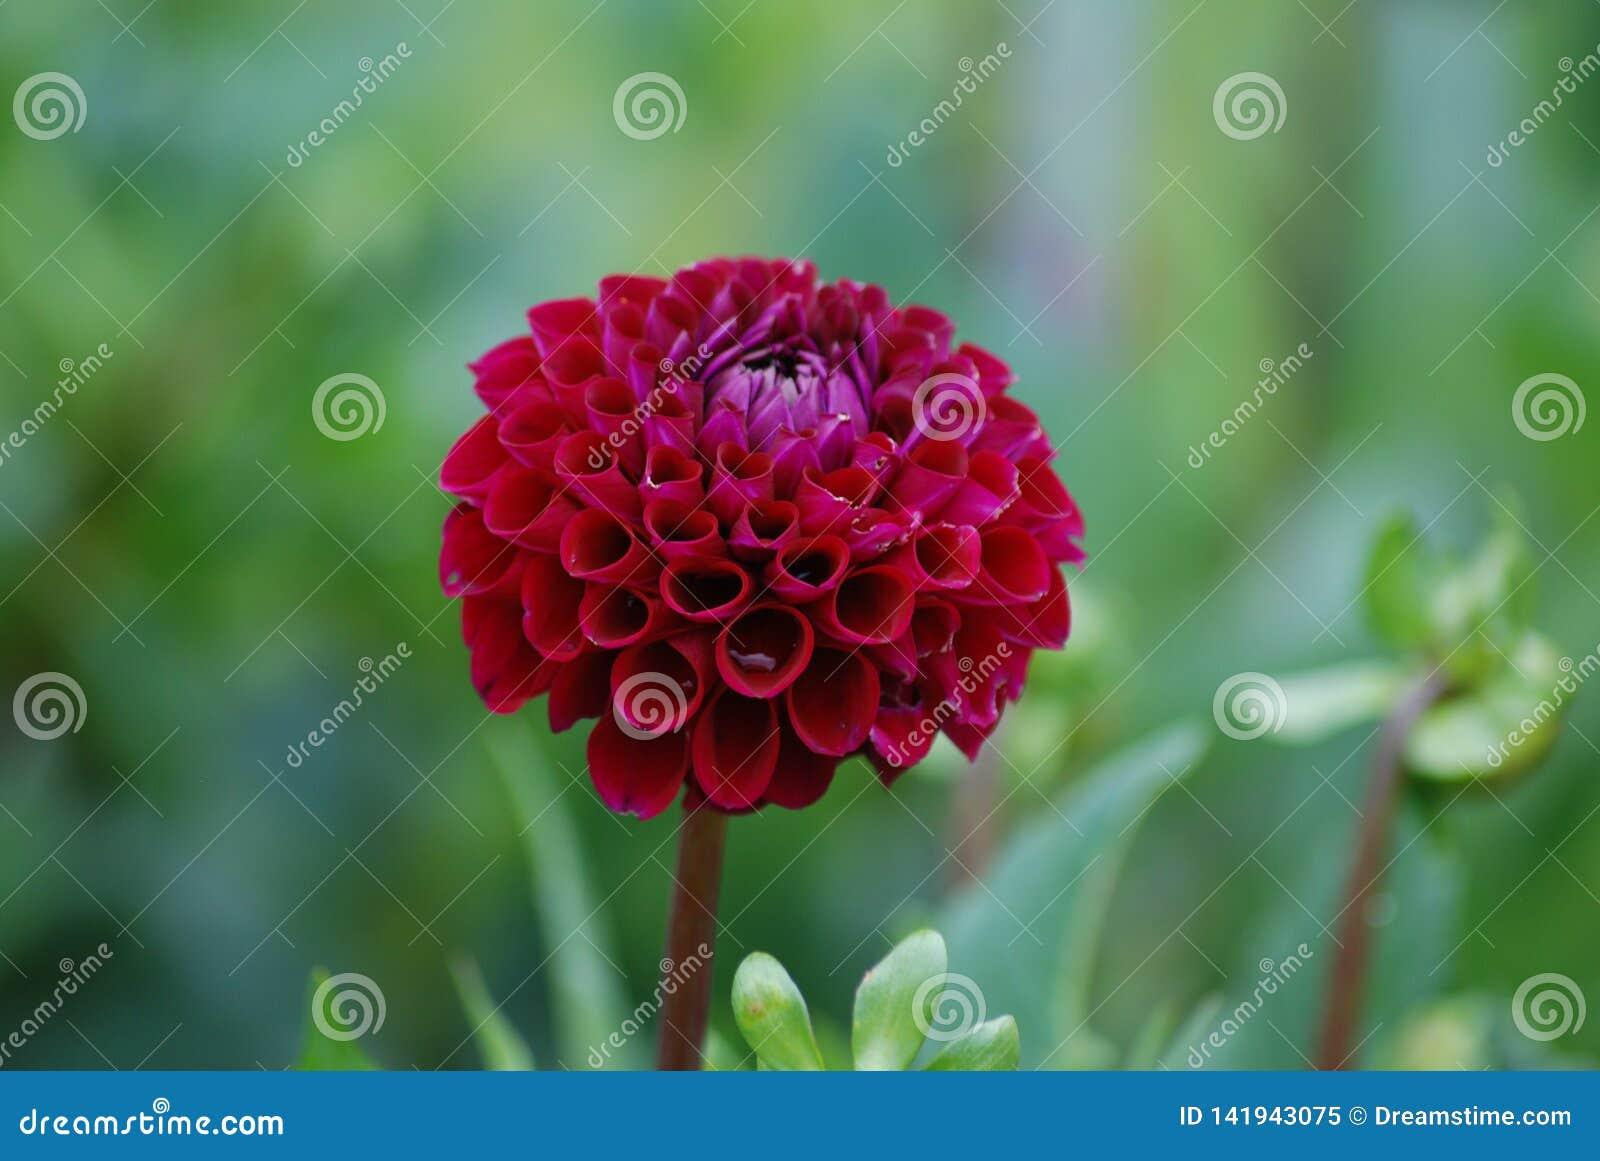 从人群-歌剧女主角引人注意-深红色的大丽花开花